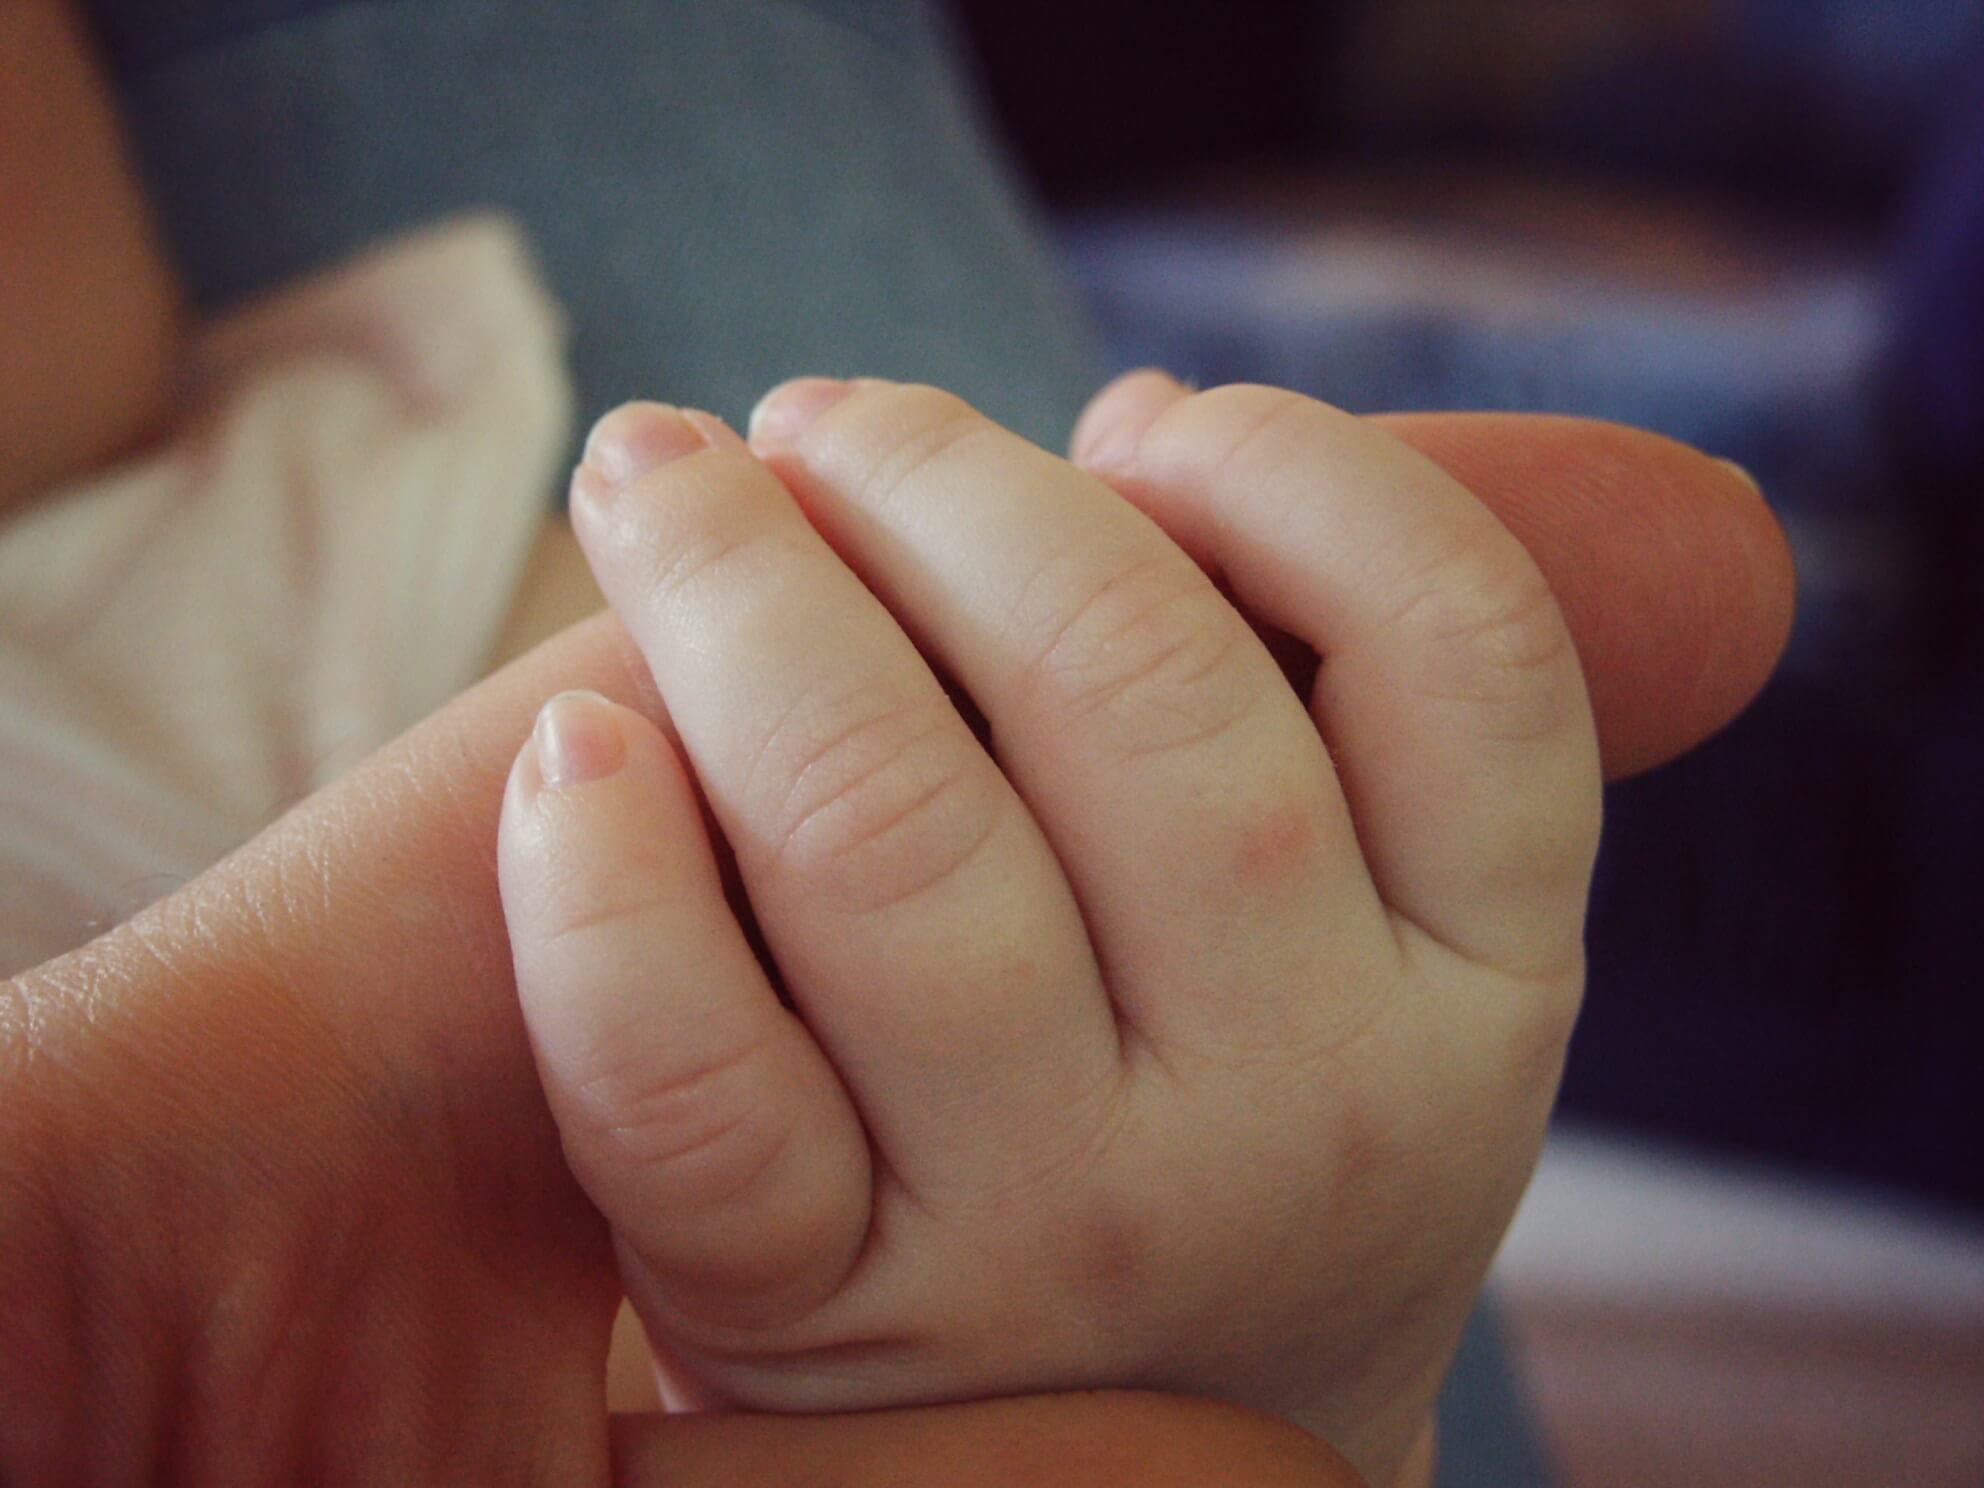 Kinder- und Babysitter betreuen liebevoll (c) 1045373 / pixabay.de